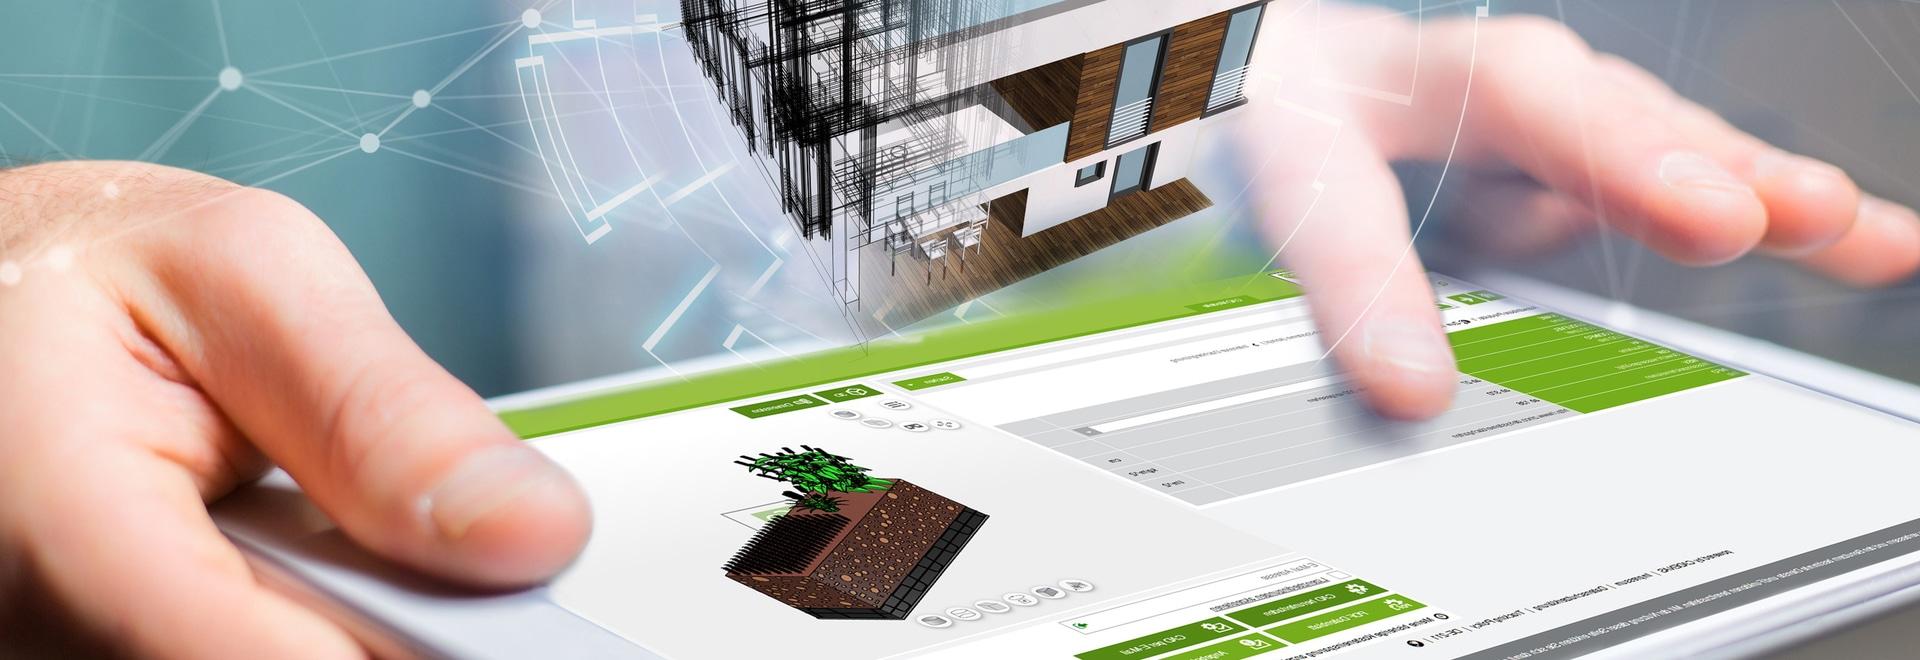 Gerüstet für die Gründach-Planung der Zukunft